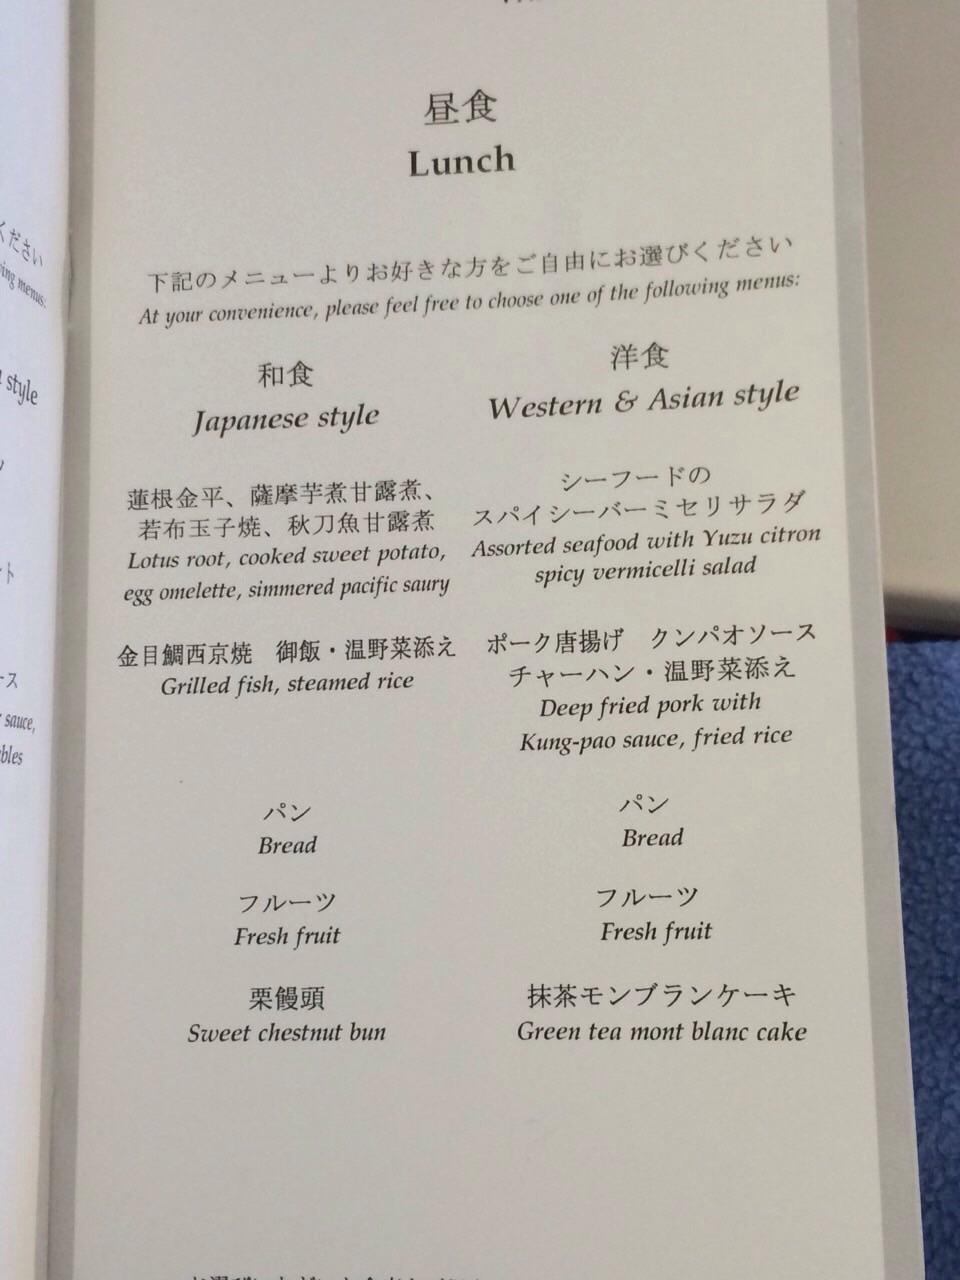 日本語で書かれた昼食メニュー表